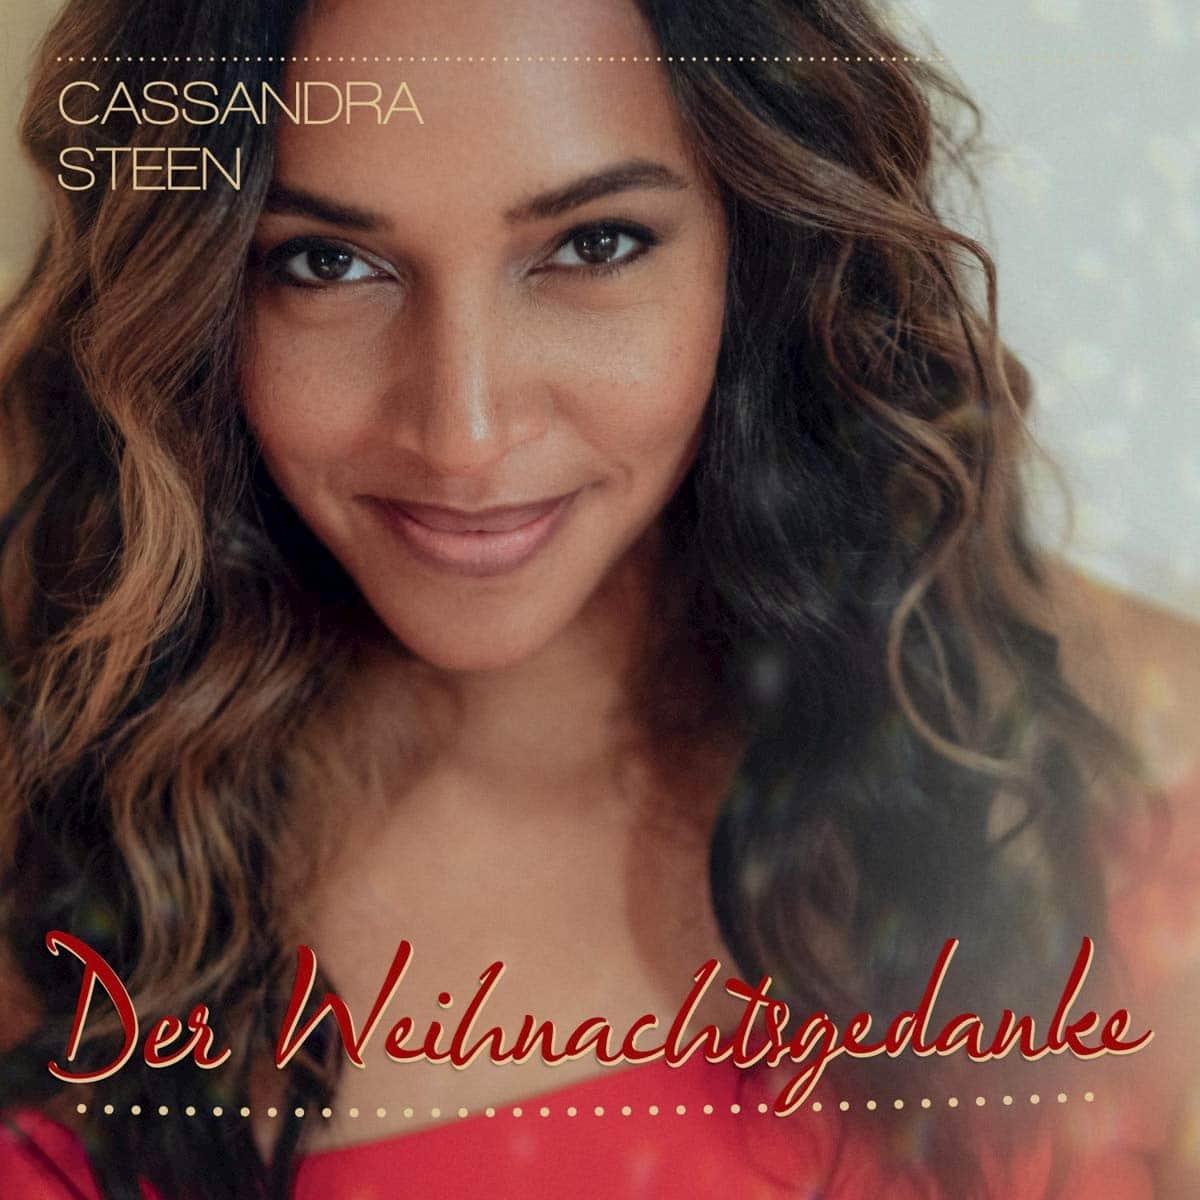 Cassandra Steen - Der Weihnachtsgedanke - Weihnachts-Album 2020